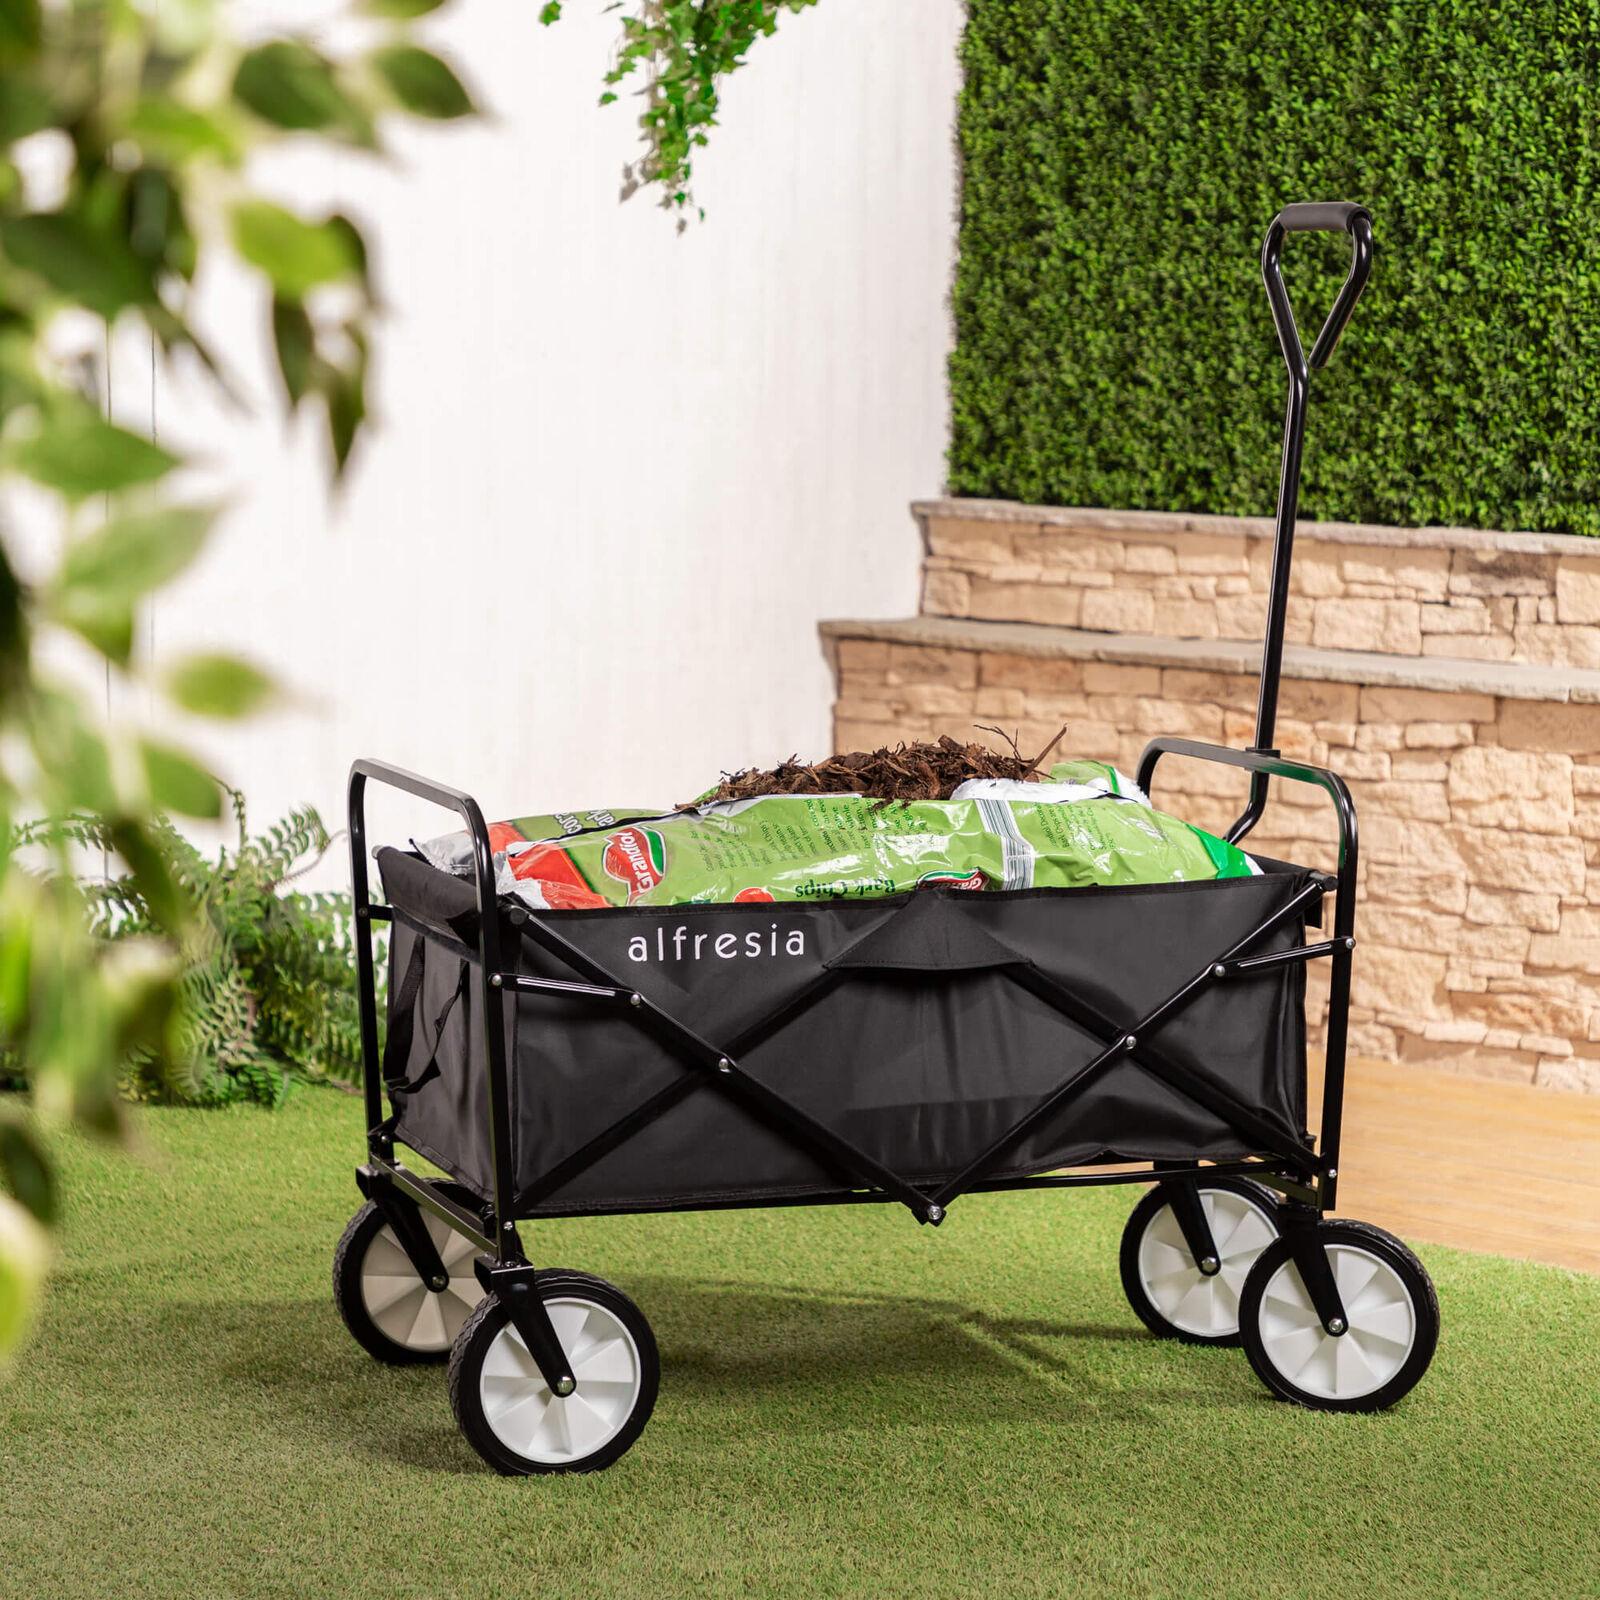 Folding Garden Festival Trolley - Heavy Duty Wheels & 80kg Load Capacity